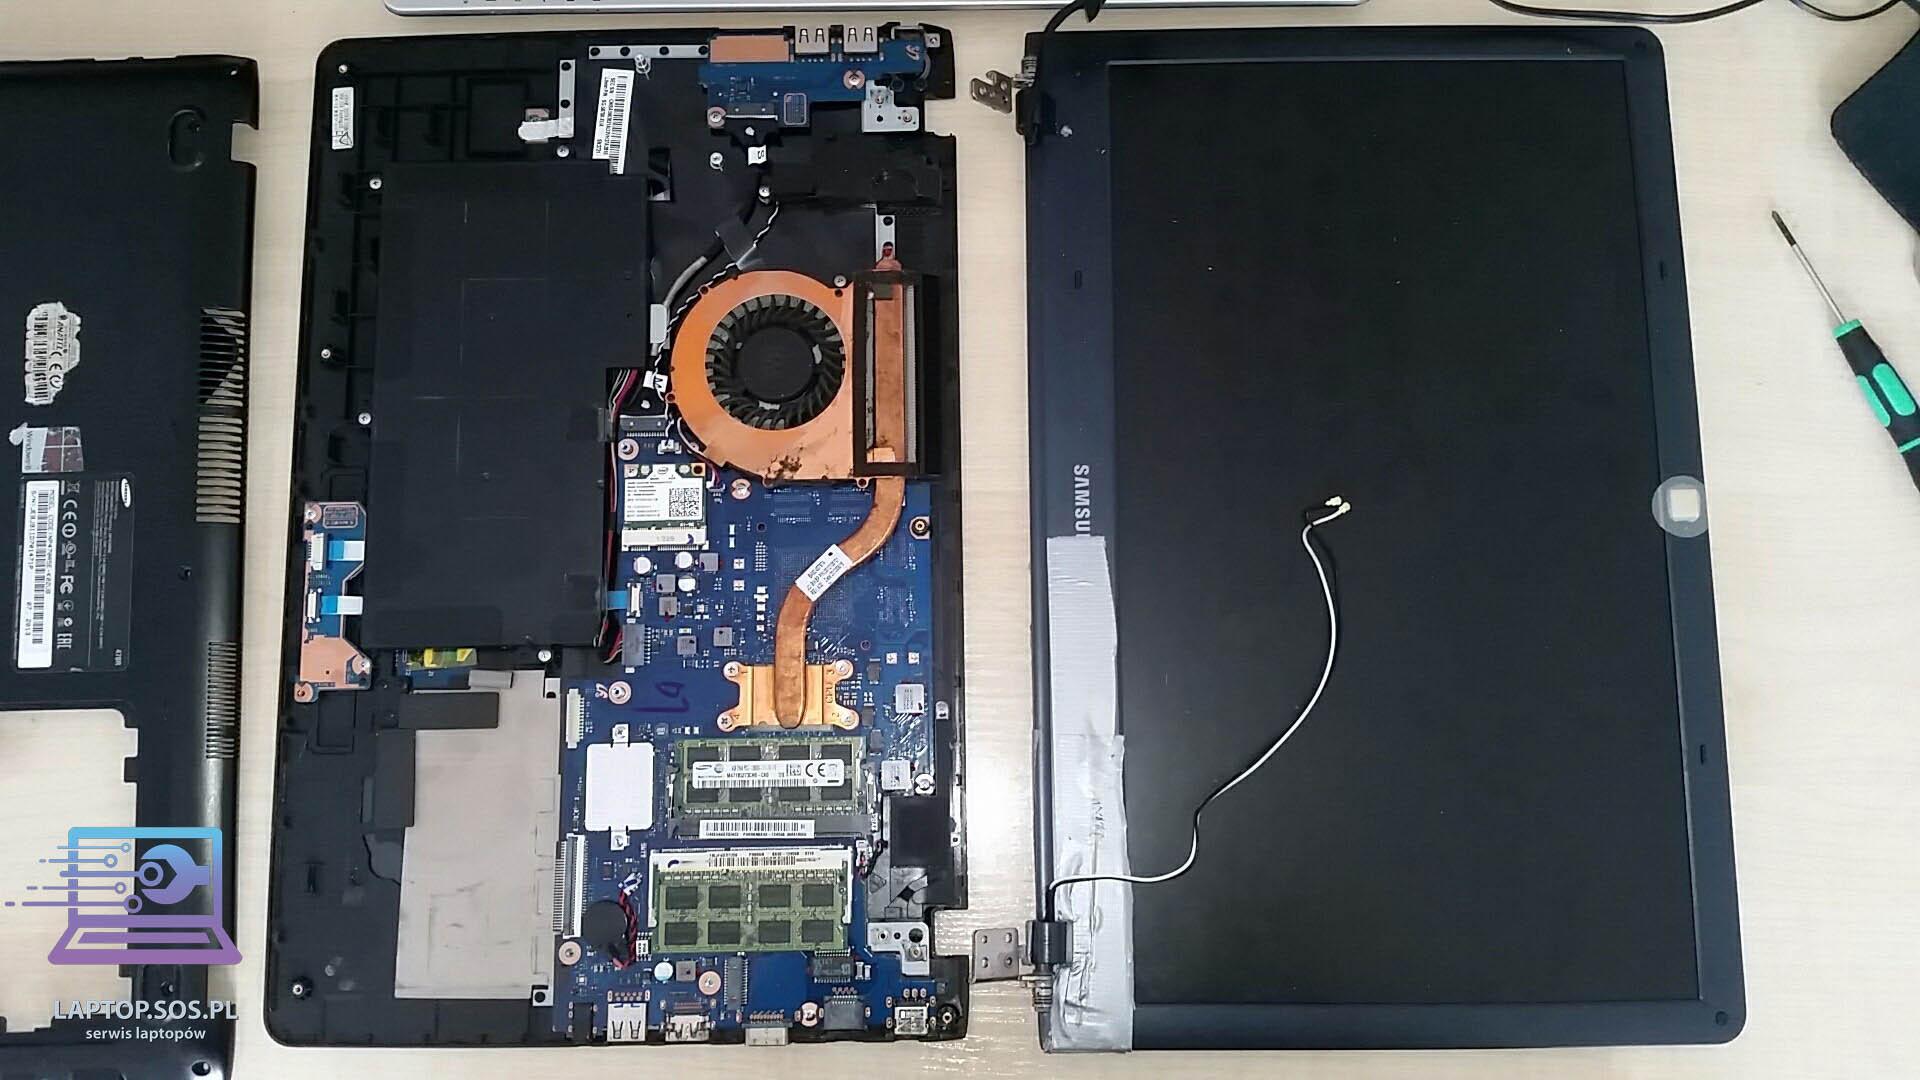 serwis laptopów kraków samsung